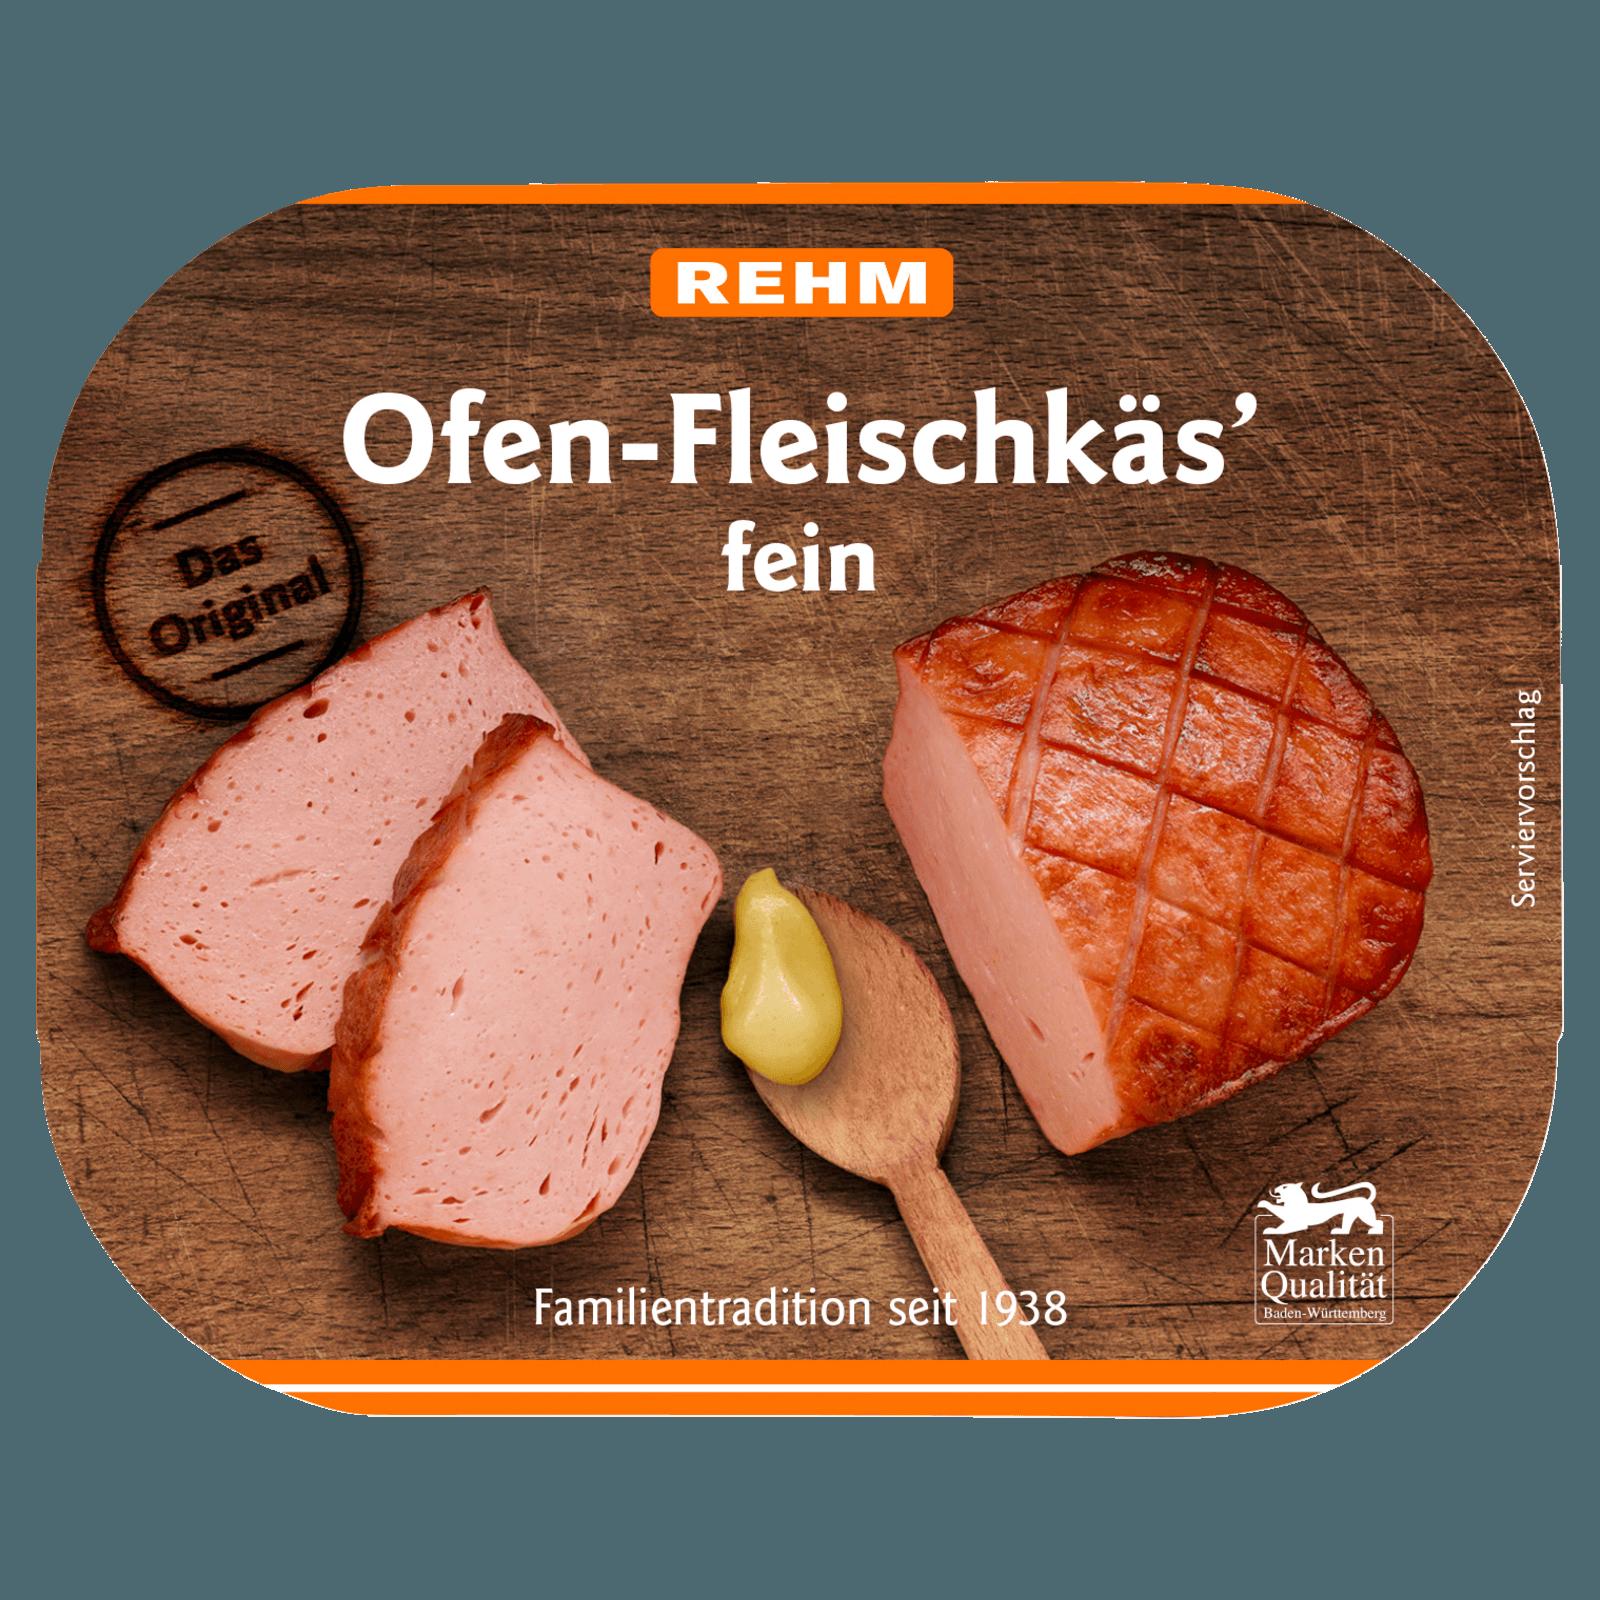 Rehm Ofen-Fleischkäs' fein 220g